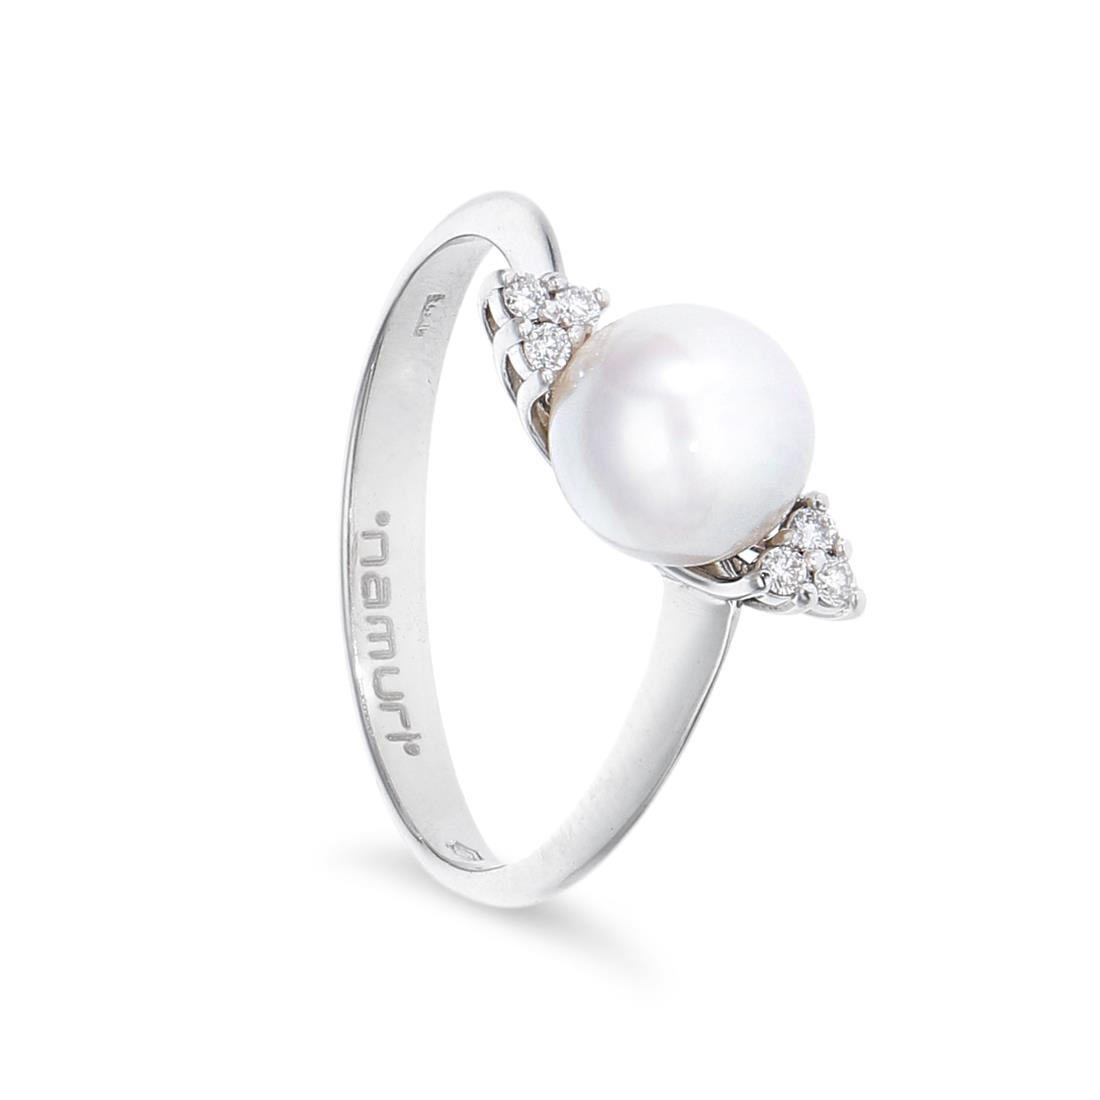 Anillo con perla y diamantes - ROBERTO DEMEGLIO